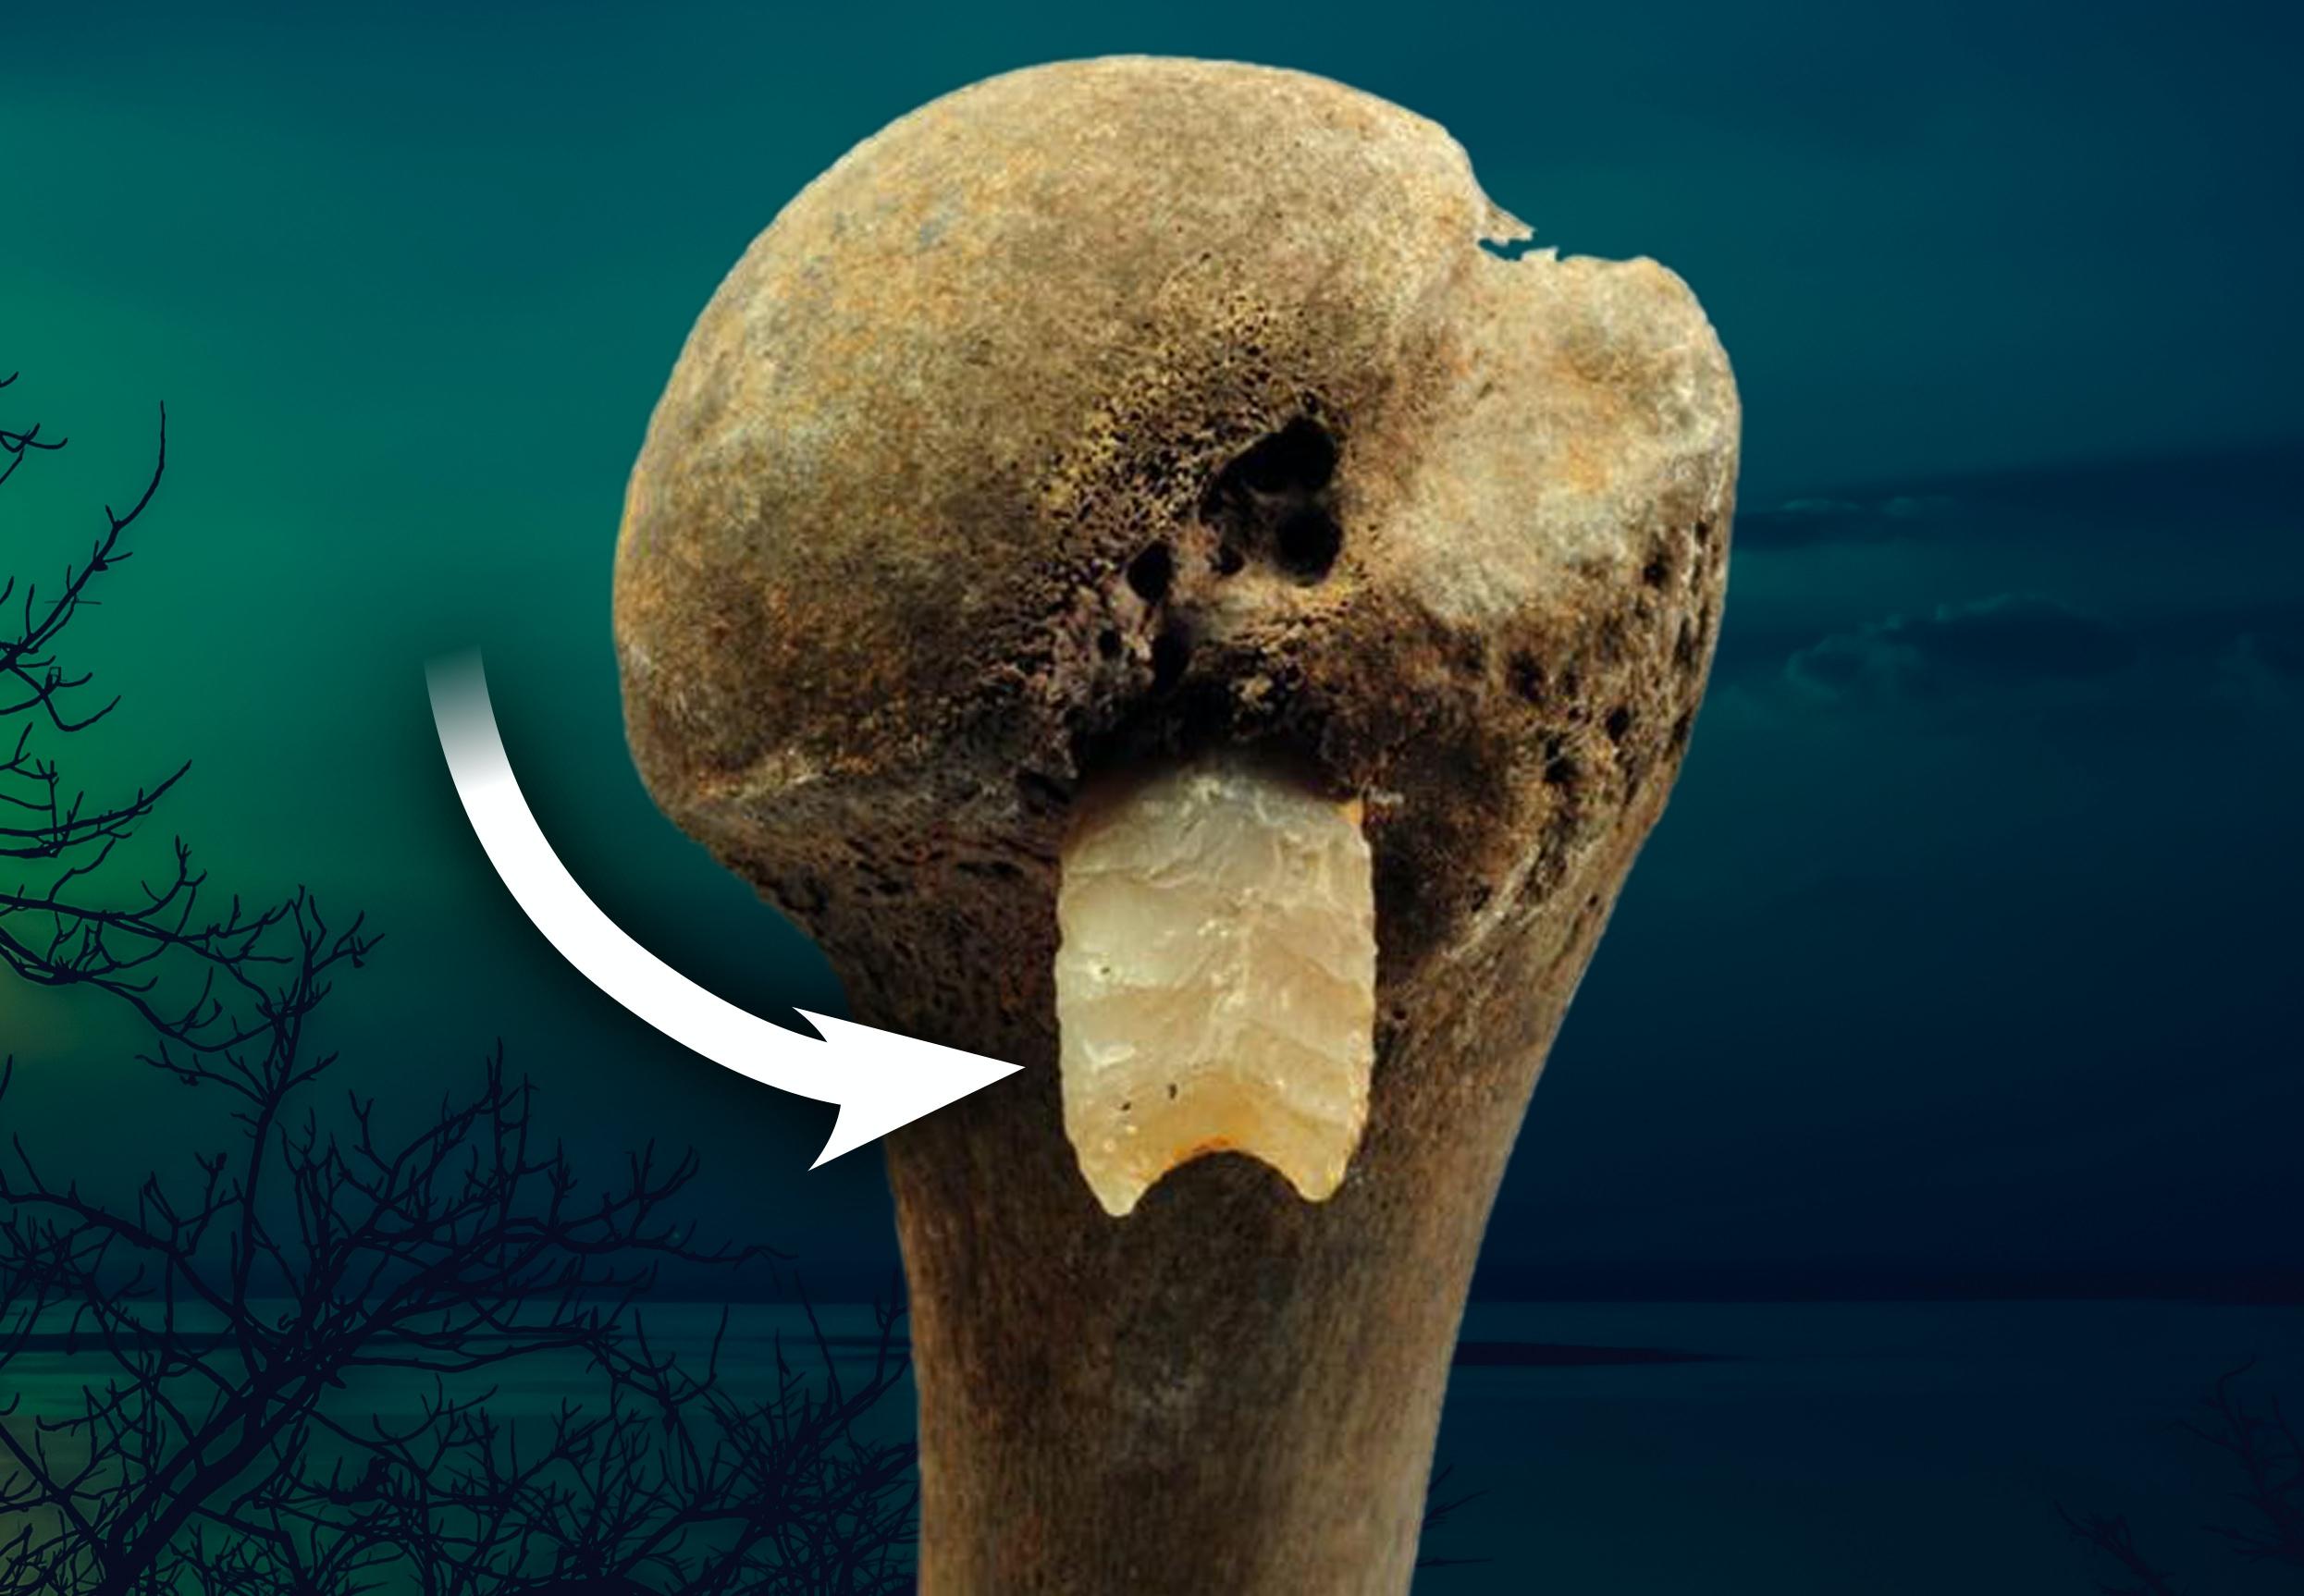 två sätt att datera fossil och förklara både